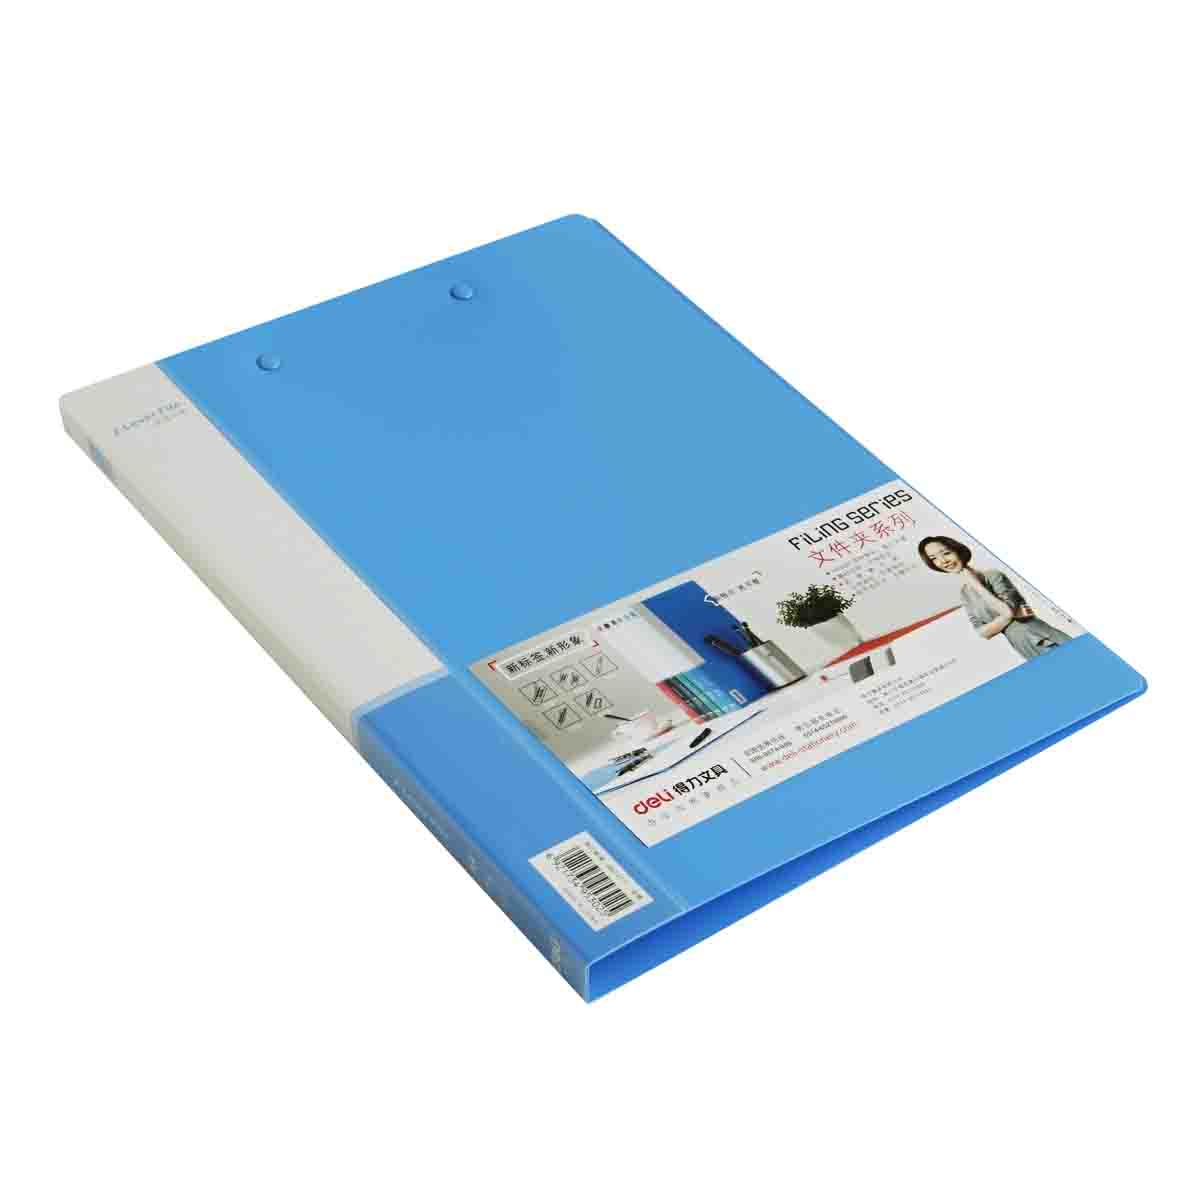 知名的文件夹供应商_河北精伦商贸,专业的得力文件夹质优价廉